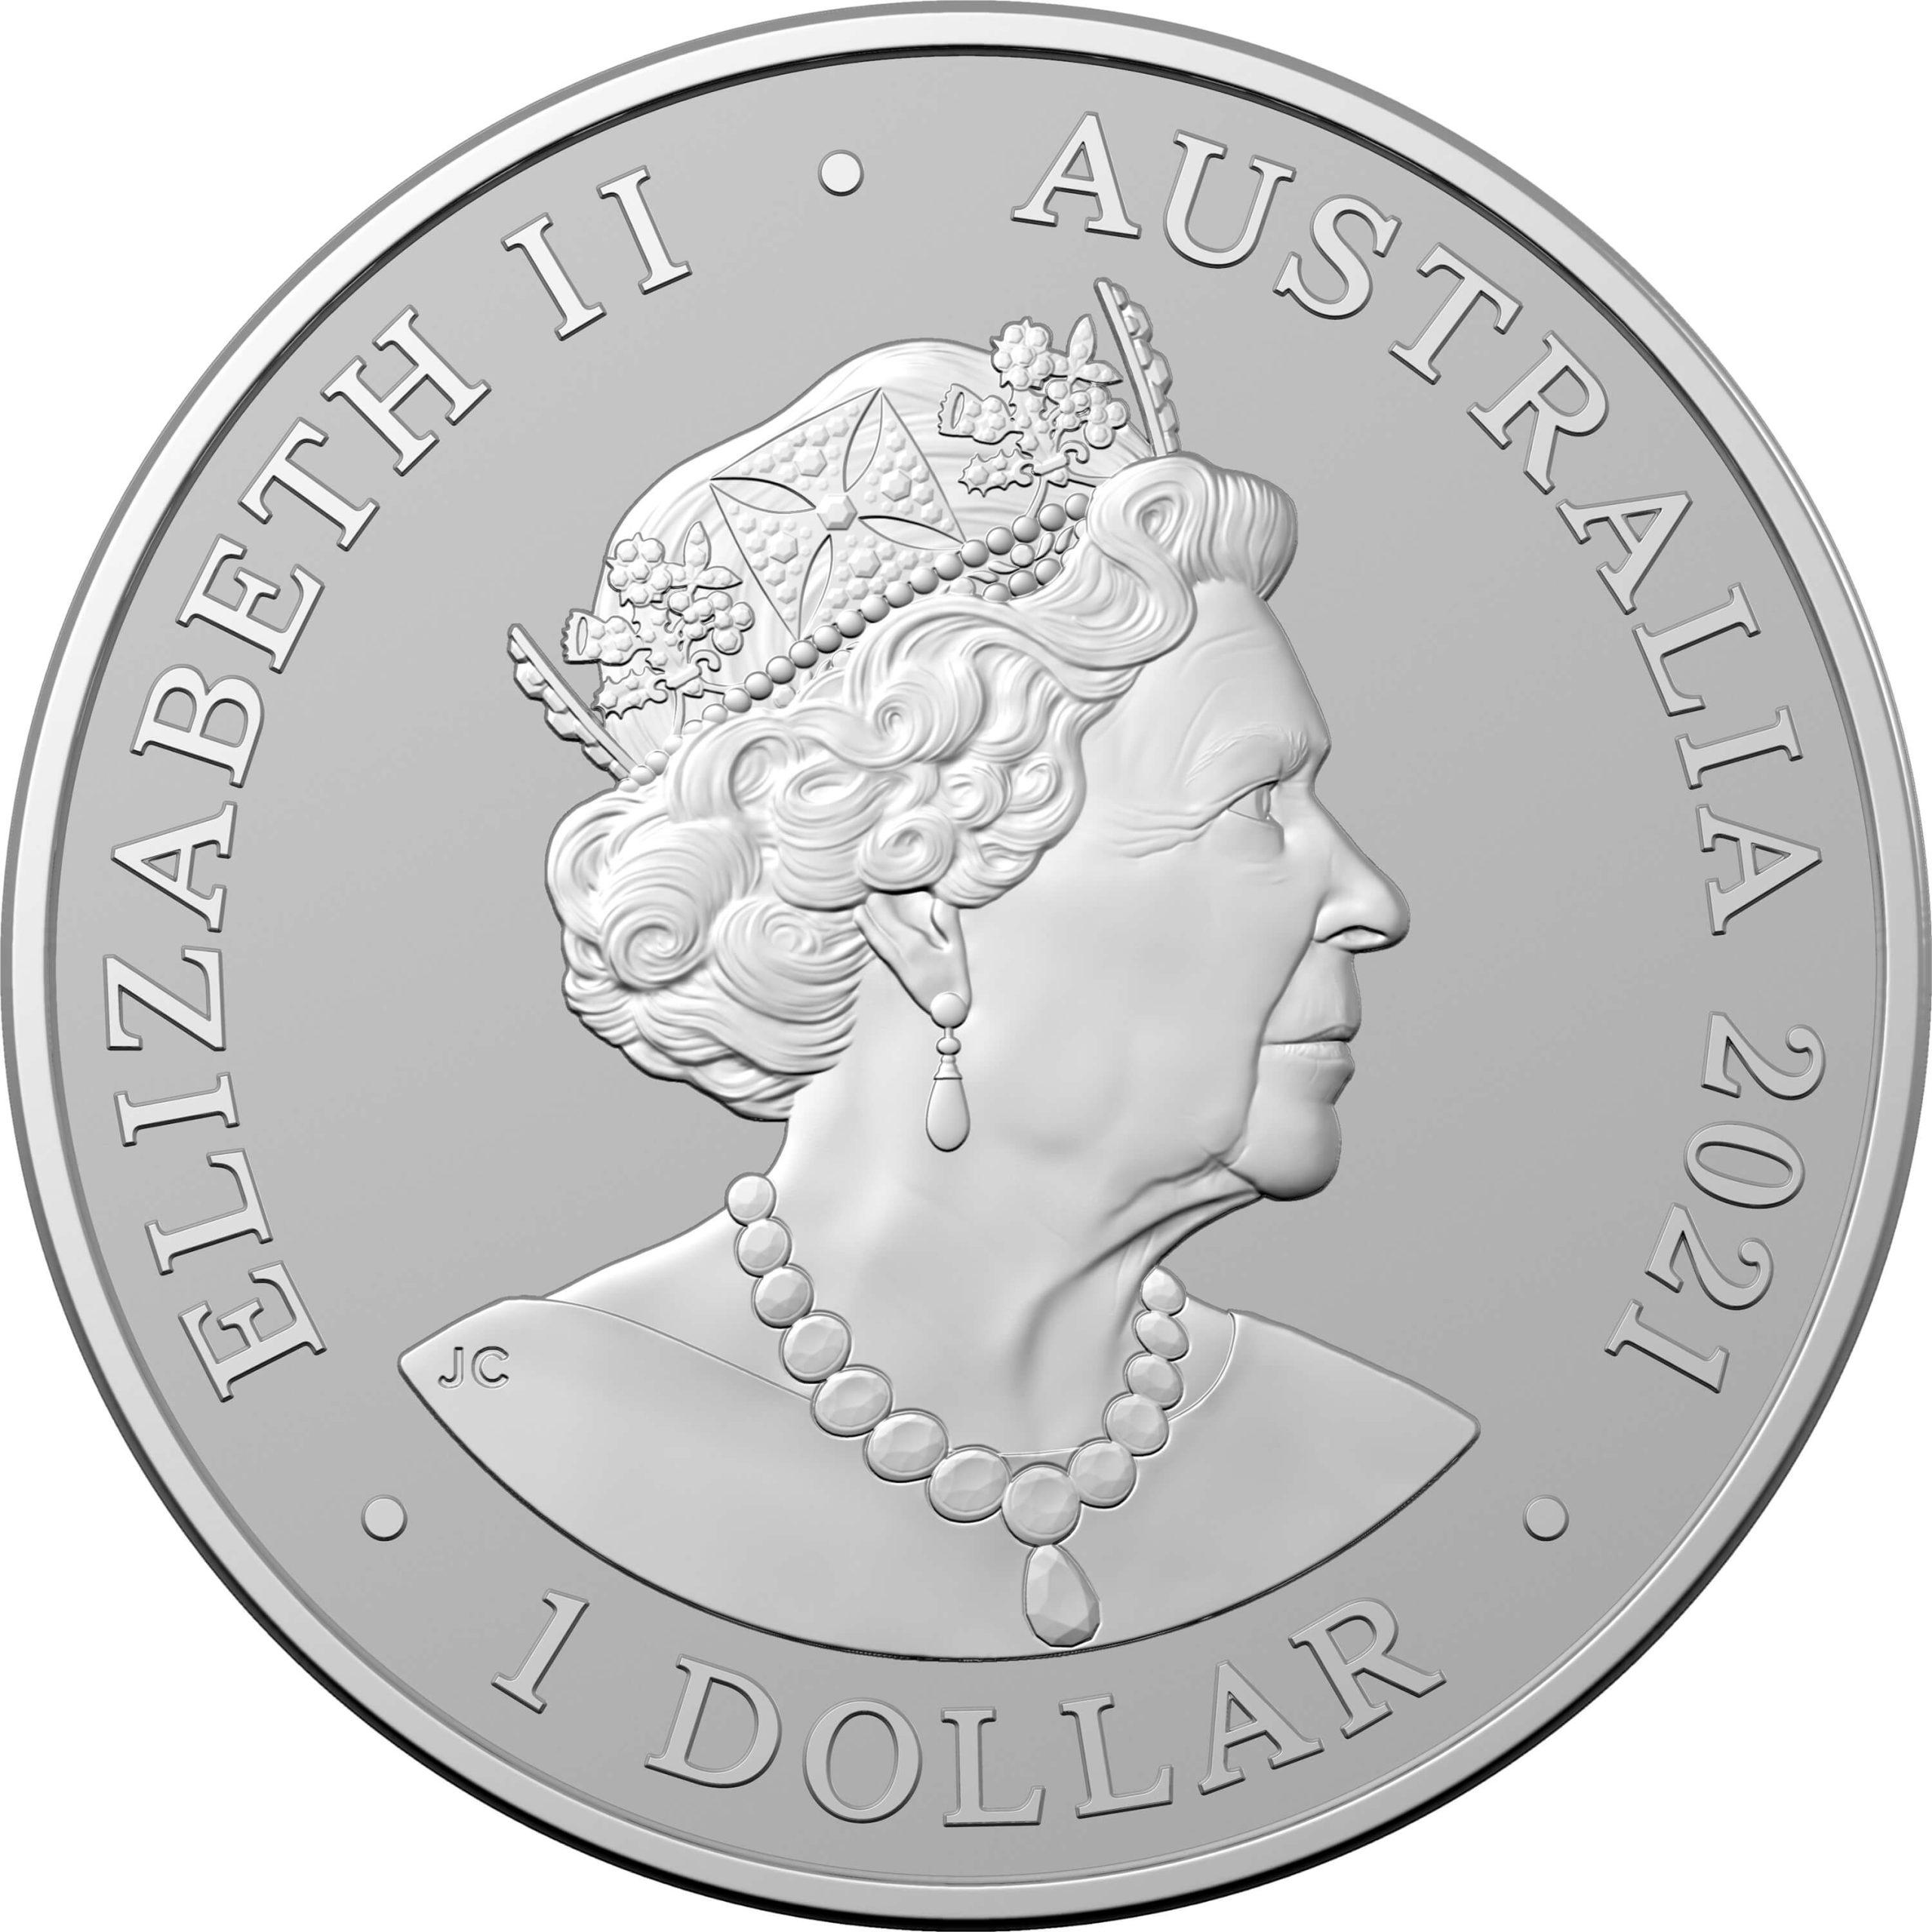 2021 $1 Australia Zoo Series - Cheetah 1oz .999 Silver Bullion Coin 3